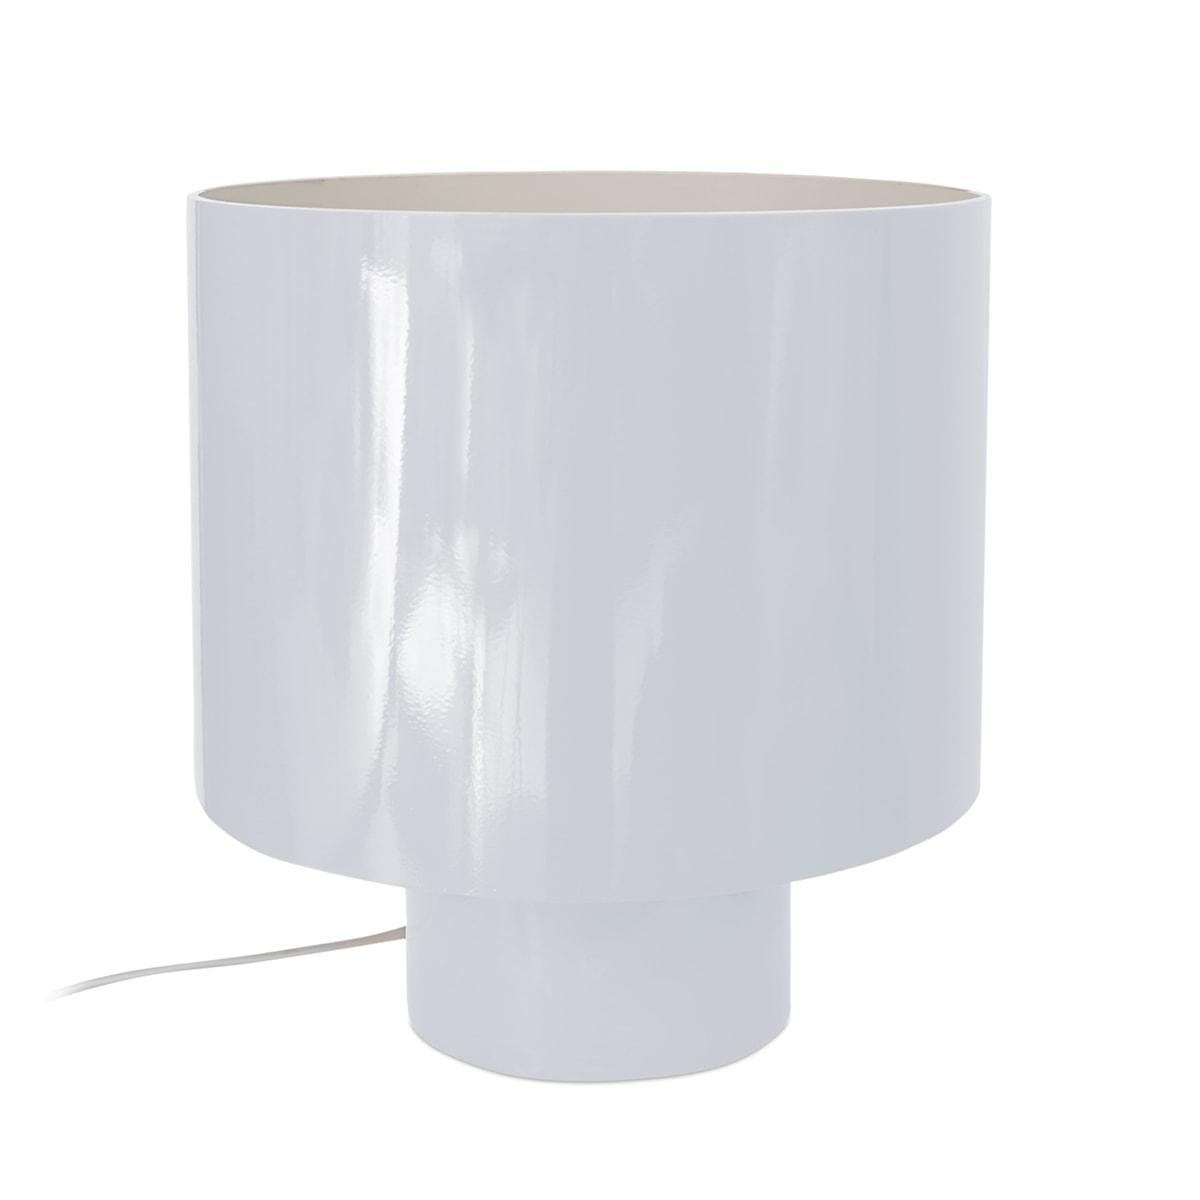 Luminaria-Fusquinha-Branco_02